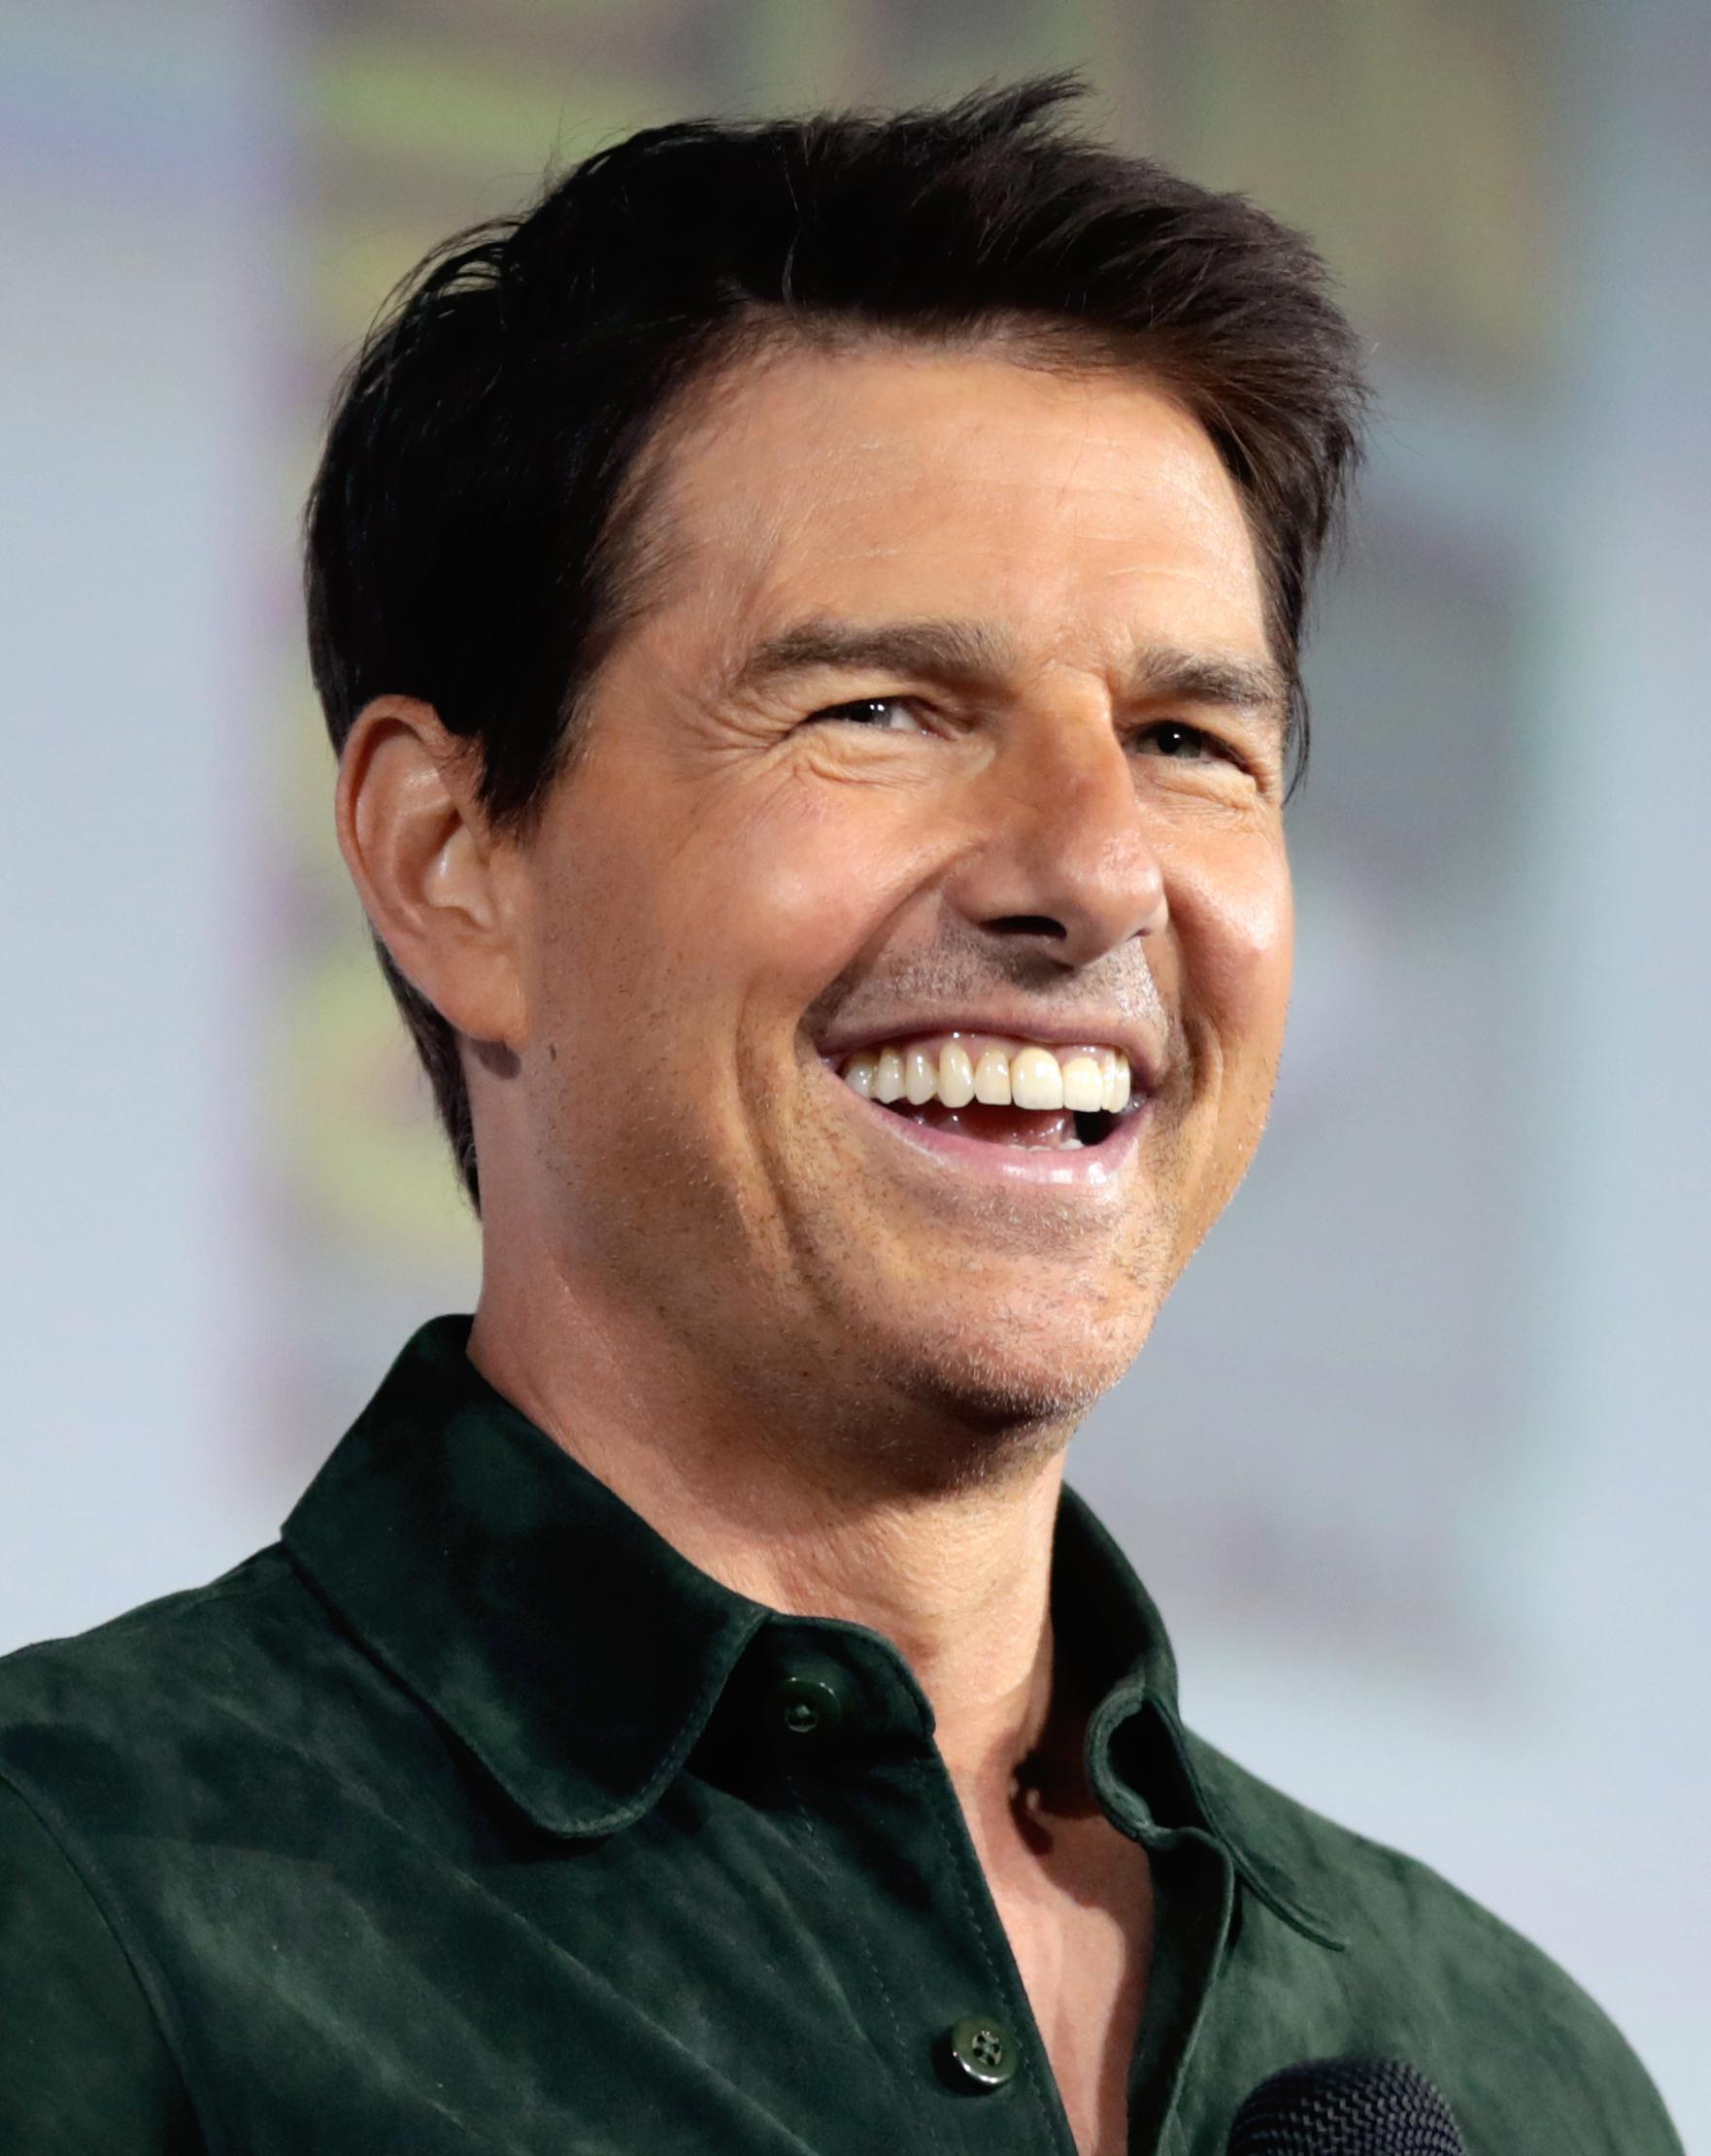 Η επόμενη ταινία του Tom Cruise θα γυριστεί στο διάστημα